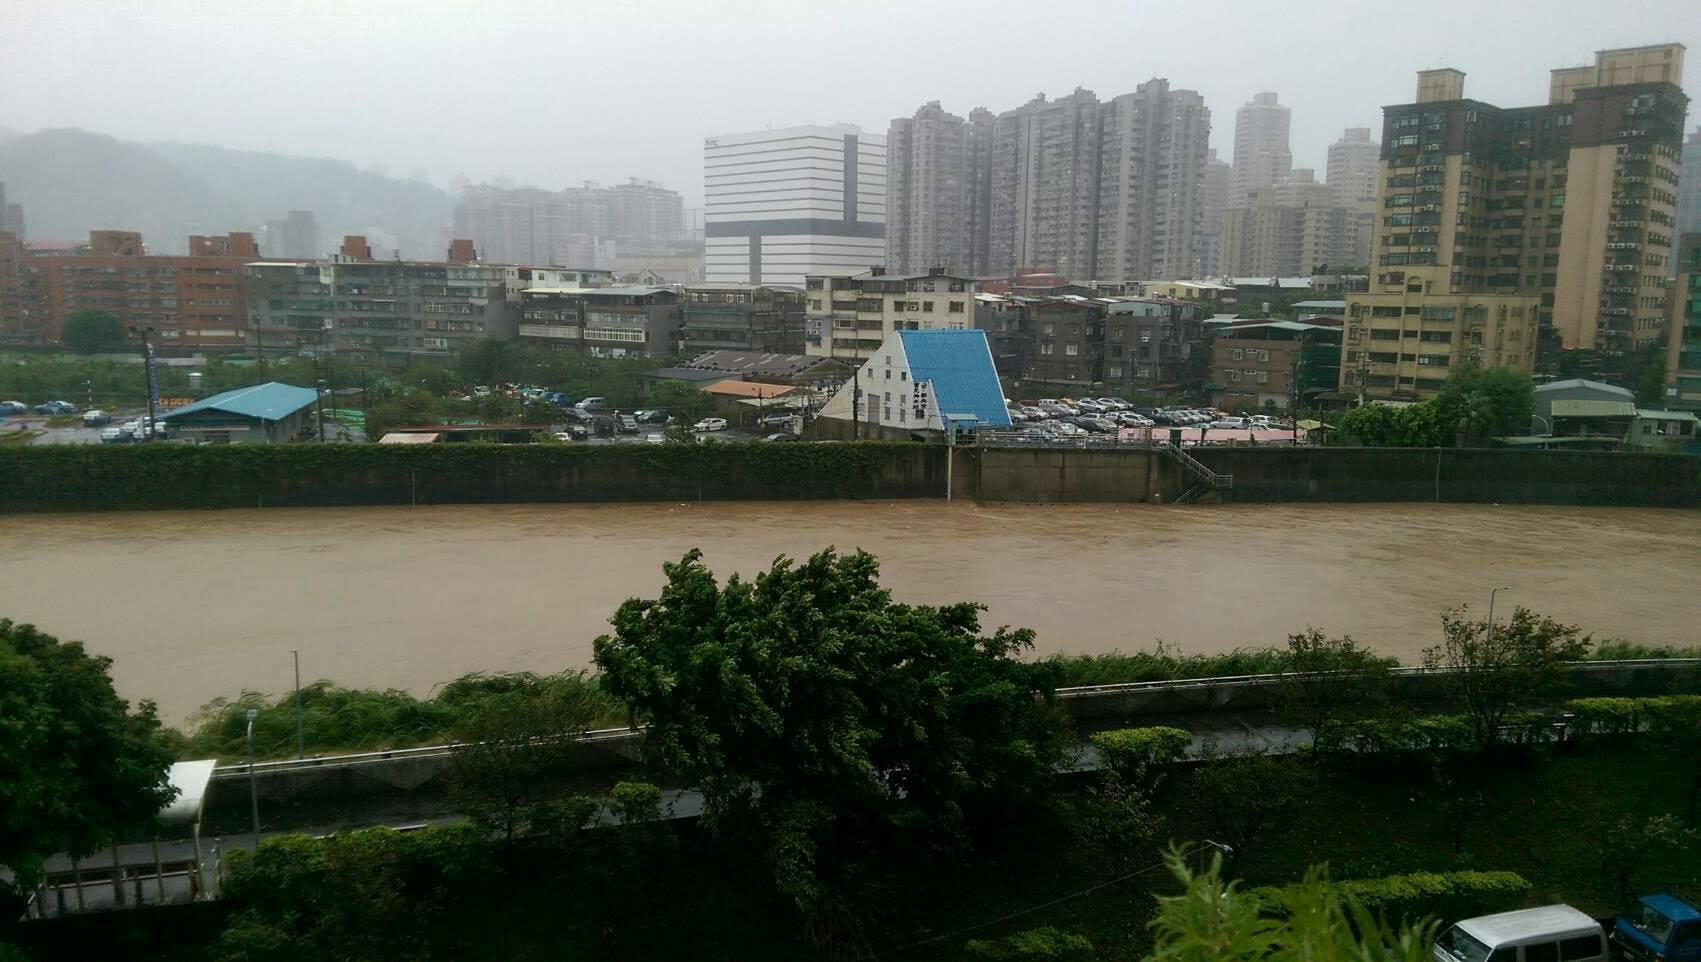 梅姬颱風肆虐,豪雨造成溪水嚴重暴漲